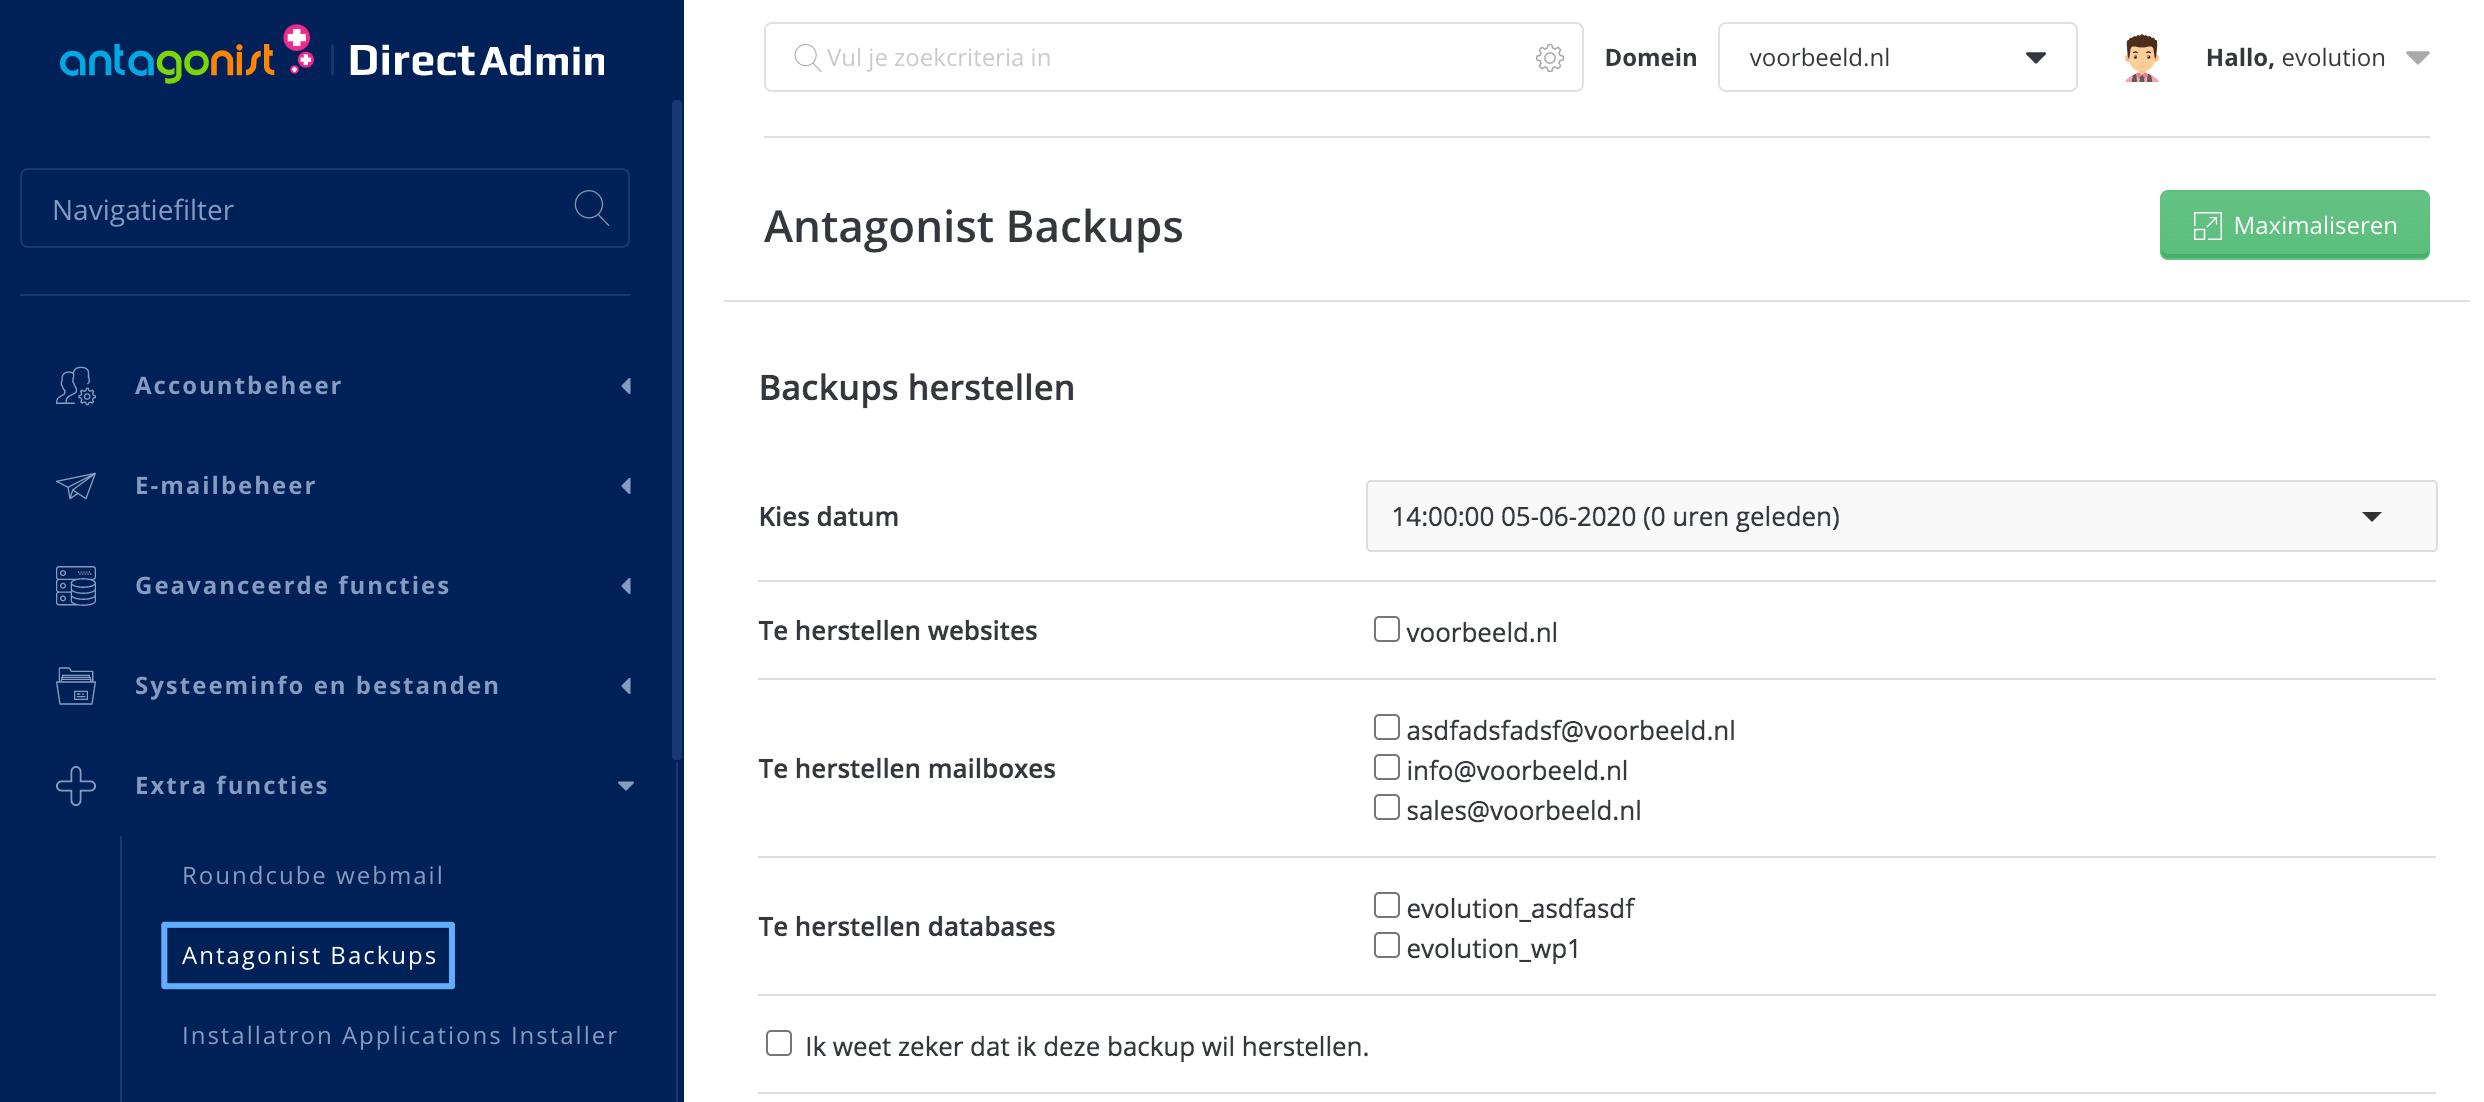 Antagonist Backups in DirectAdmin.